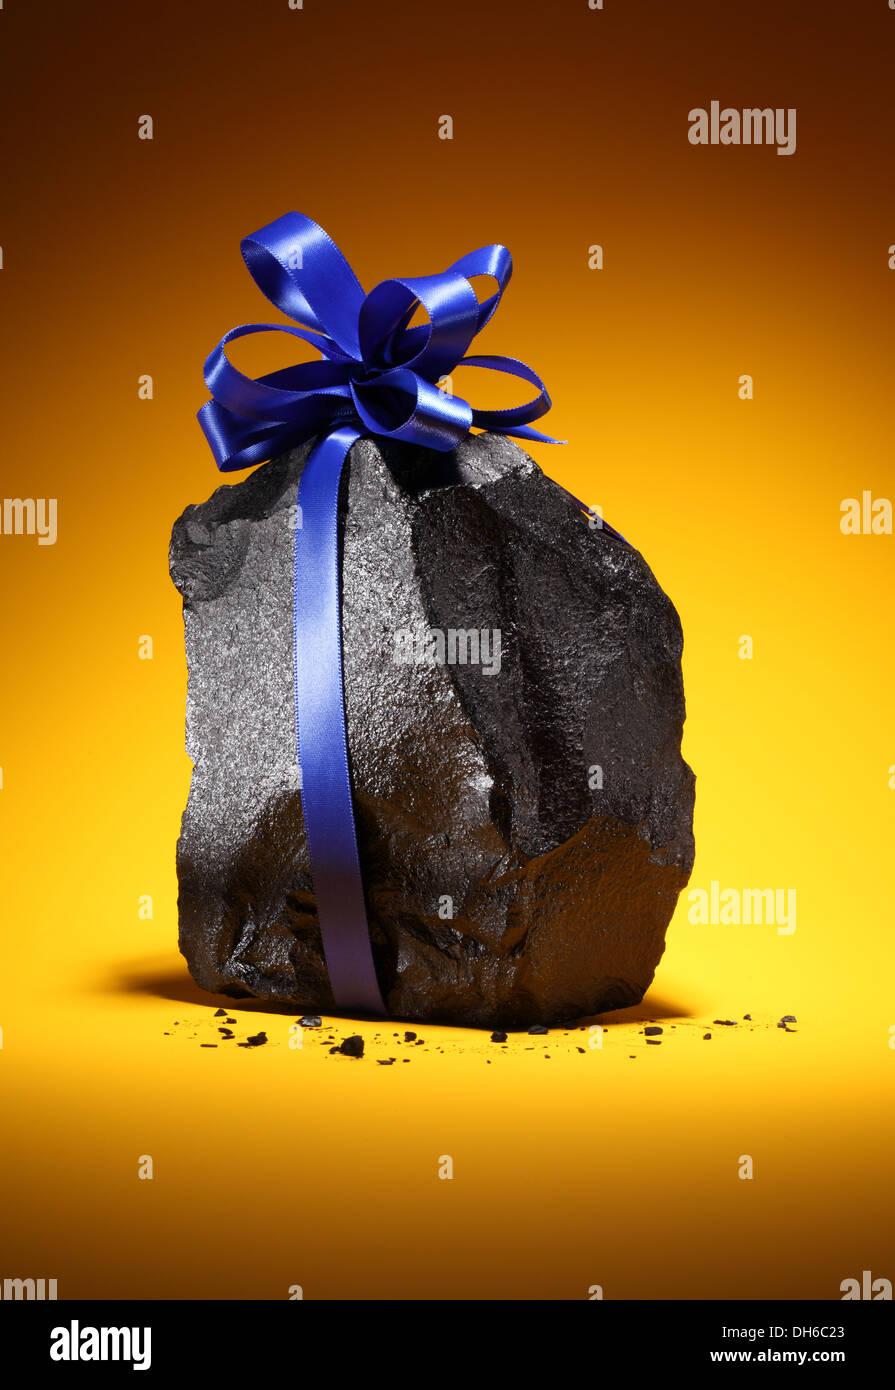 Un trozo de carbón negro con un lazo azul atada alrededor de ella. Fondo naranja brillante. Imagen De Stock